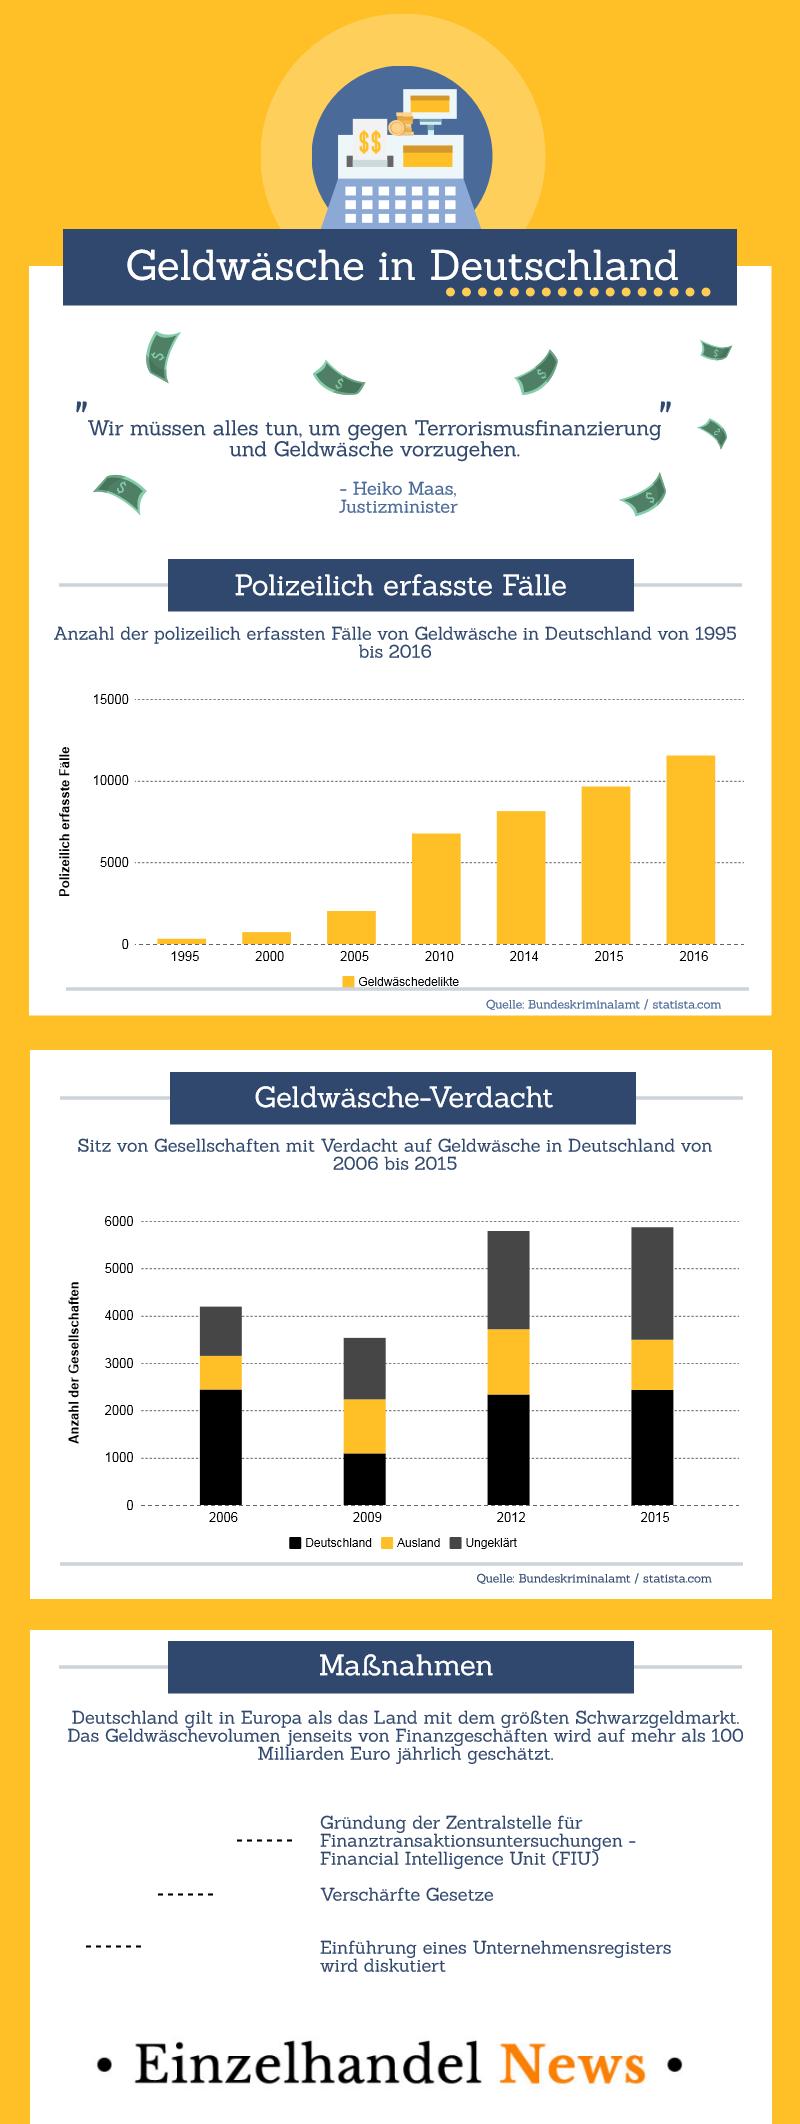 Geldwäschemarkt ist nirgendwo in Europa so groß wie in Deutschland. Bildquelle: eigene Darstellung